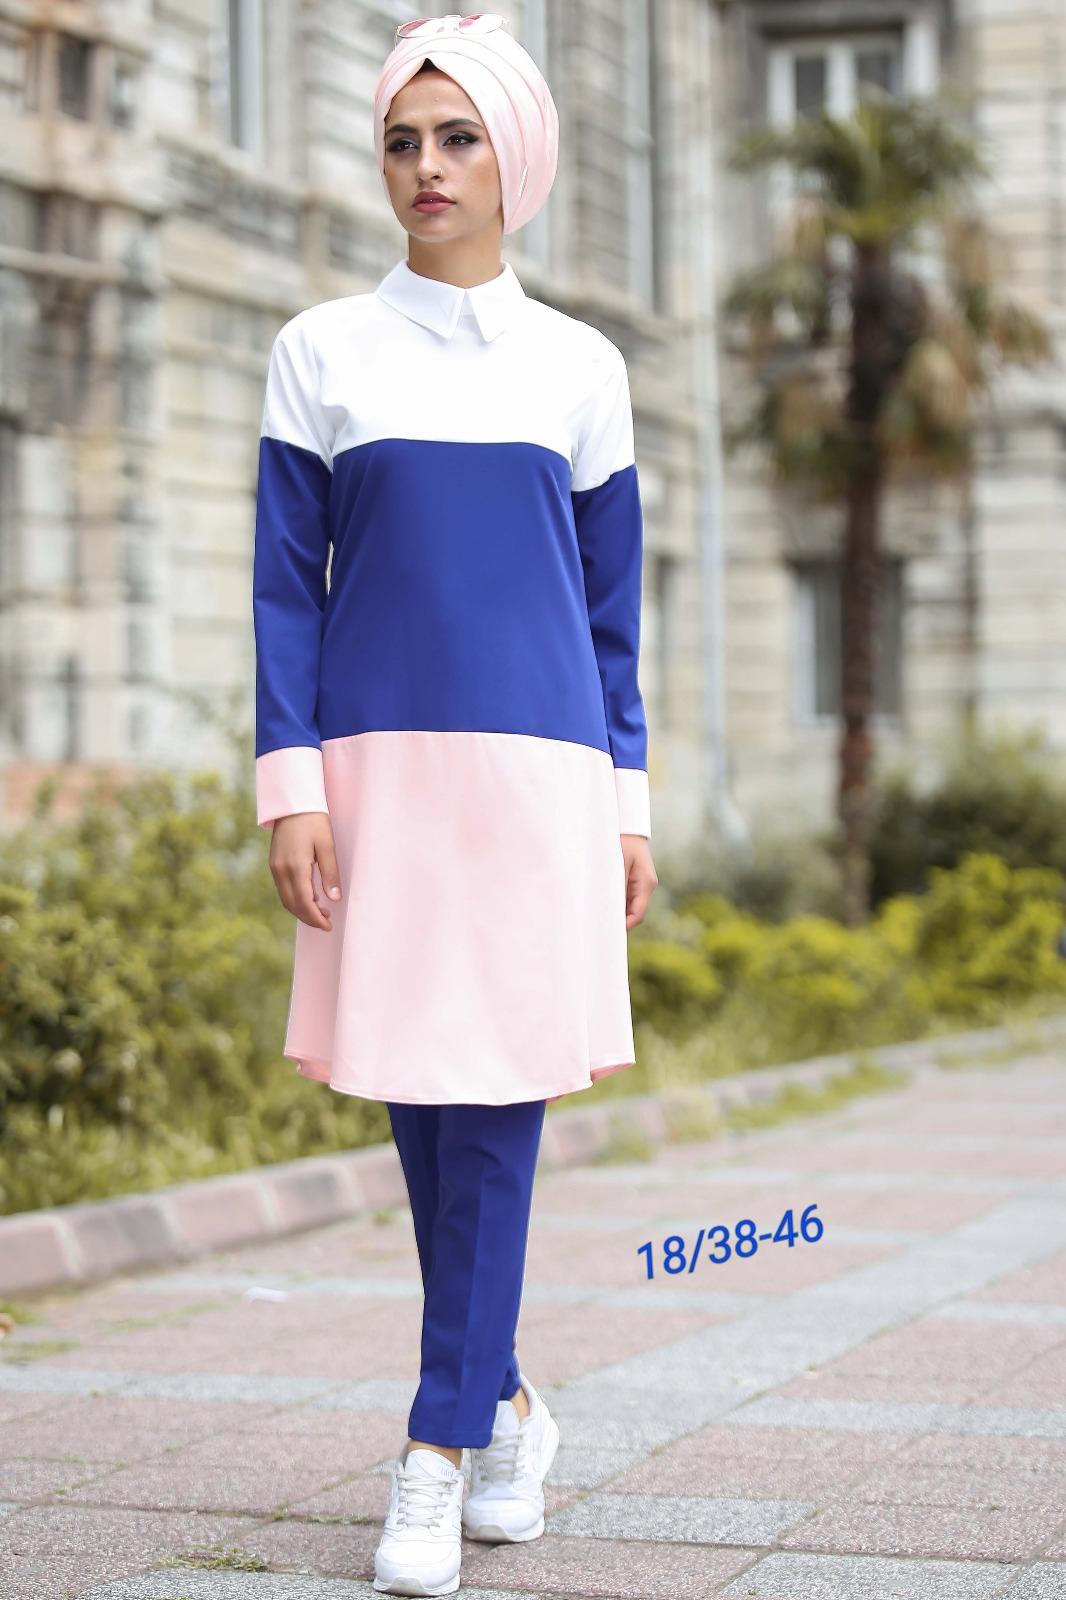 232f5118a اجمل الفساتين التركية اجمل الفساتين التركية الطويلة اجمل الفساتين التركية  للمحجبات اجمل الفساتين التركيه اجمل الفساتين الطويلة للمحجبات اجمل الملابس  التركية